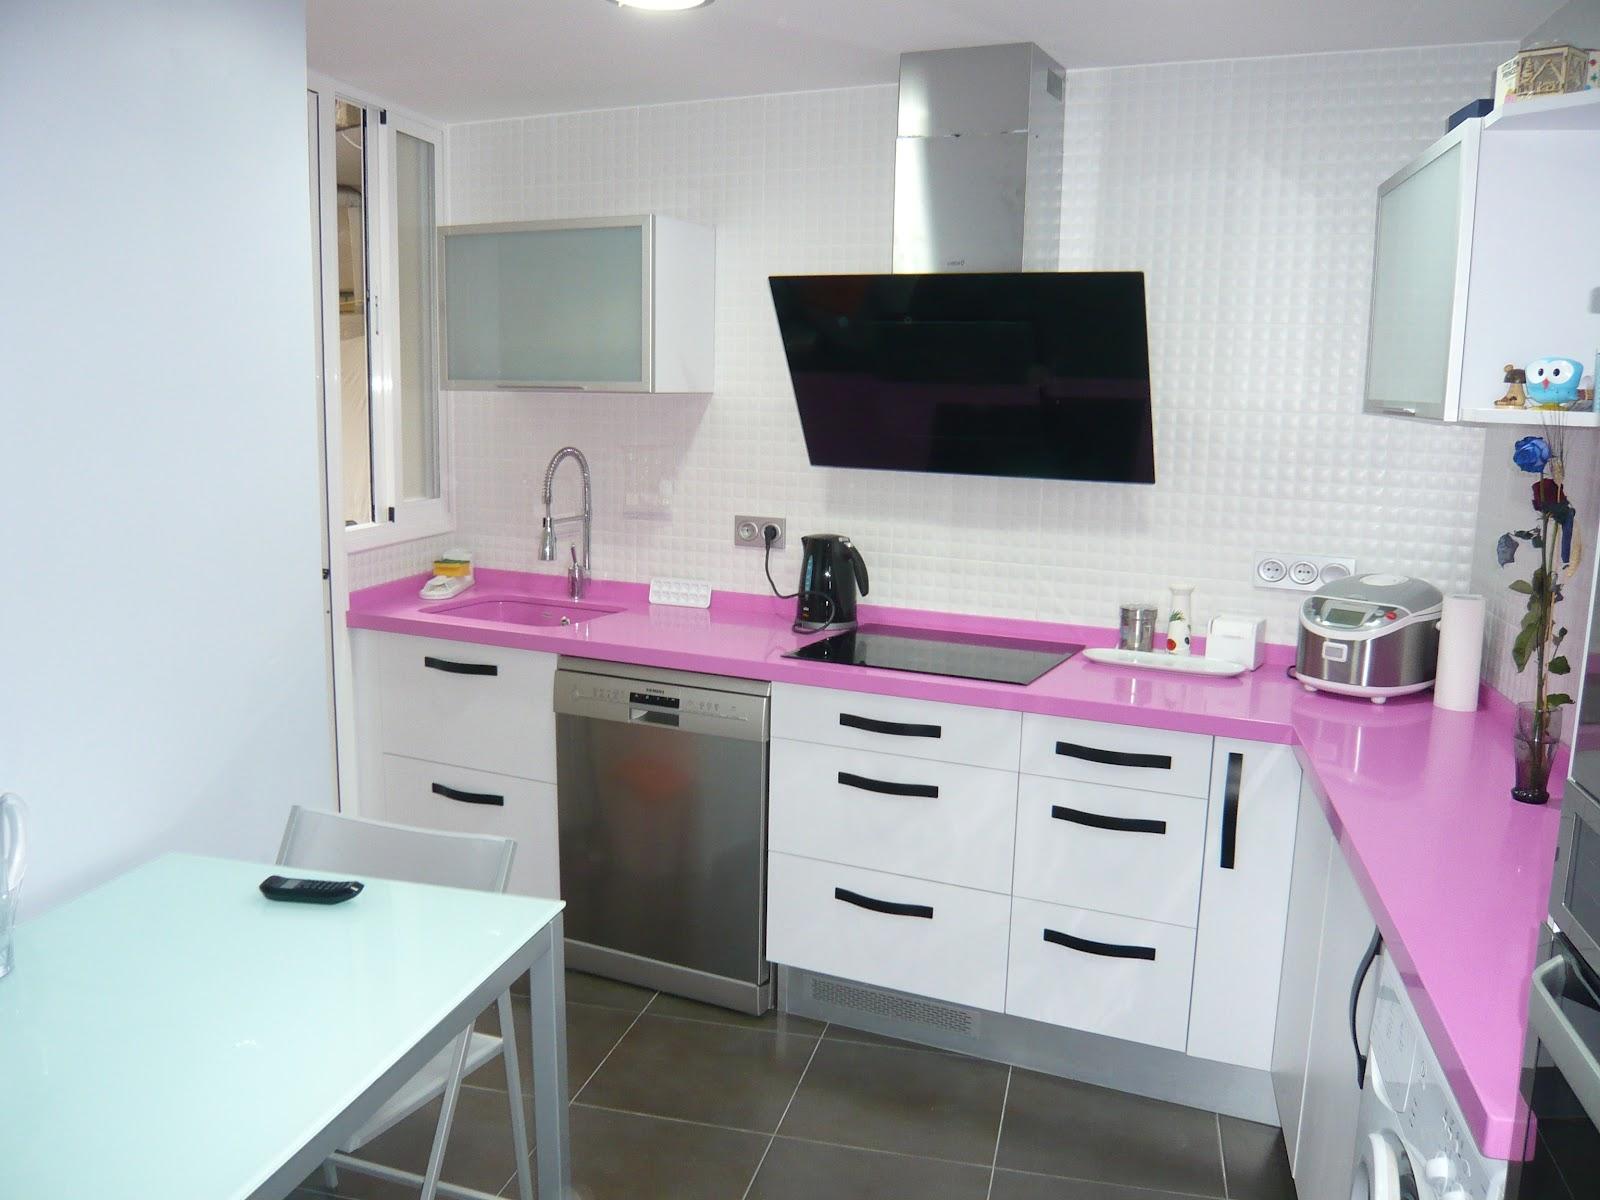 Reuscuina muebles de cocina en formica blanca mate - Muebles cocina formica ...